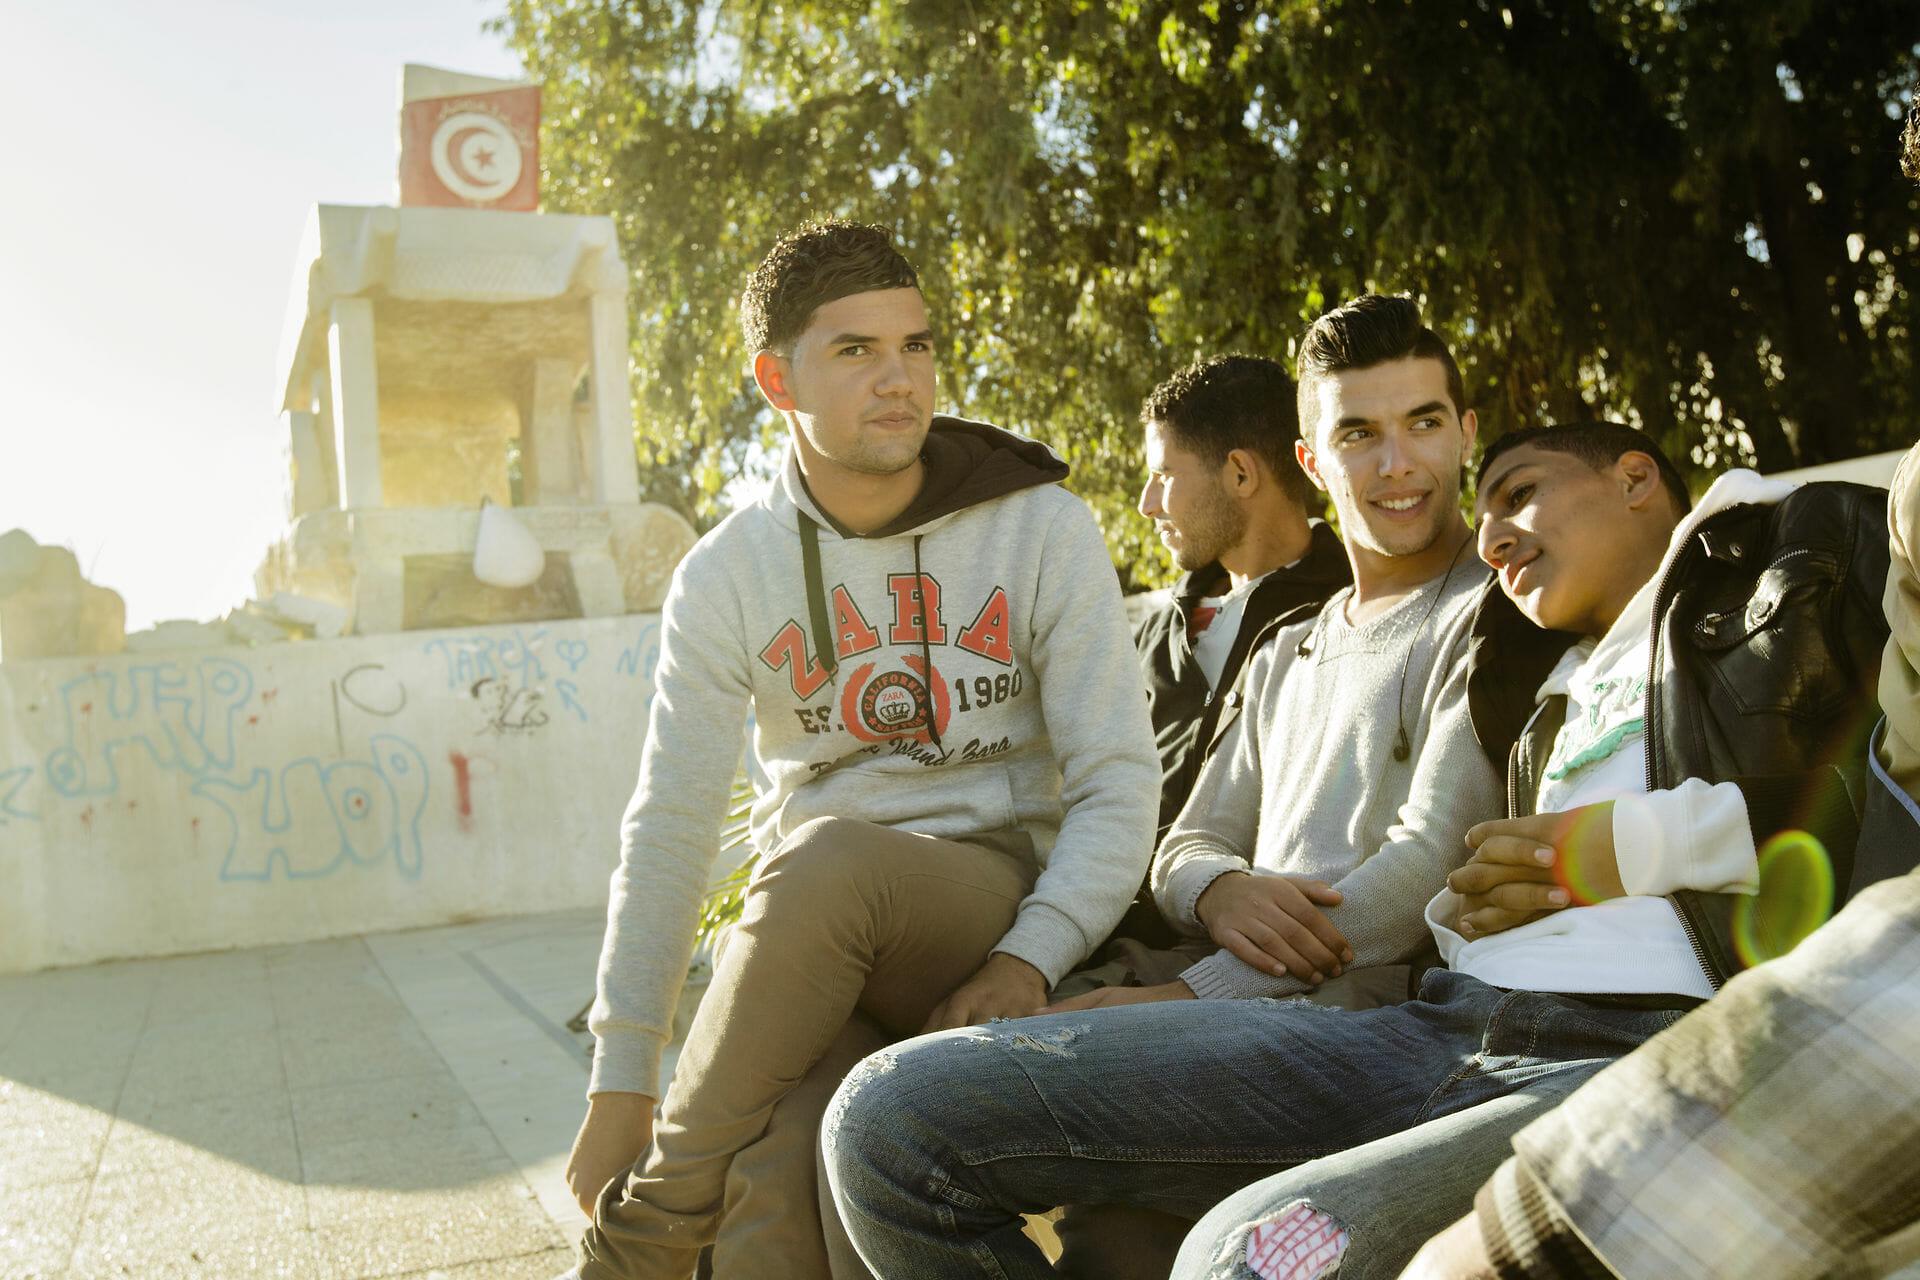 Starten på Det Arabiske Forår: Frugthandler bragte diktator til fald